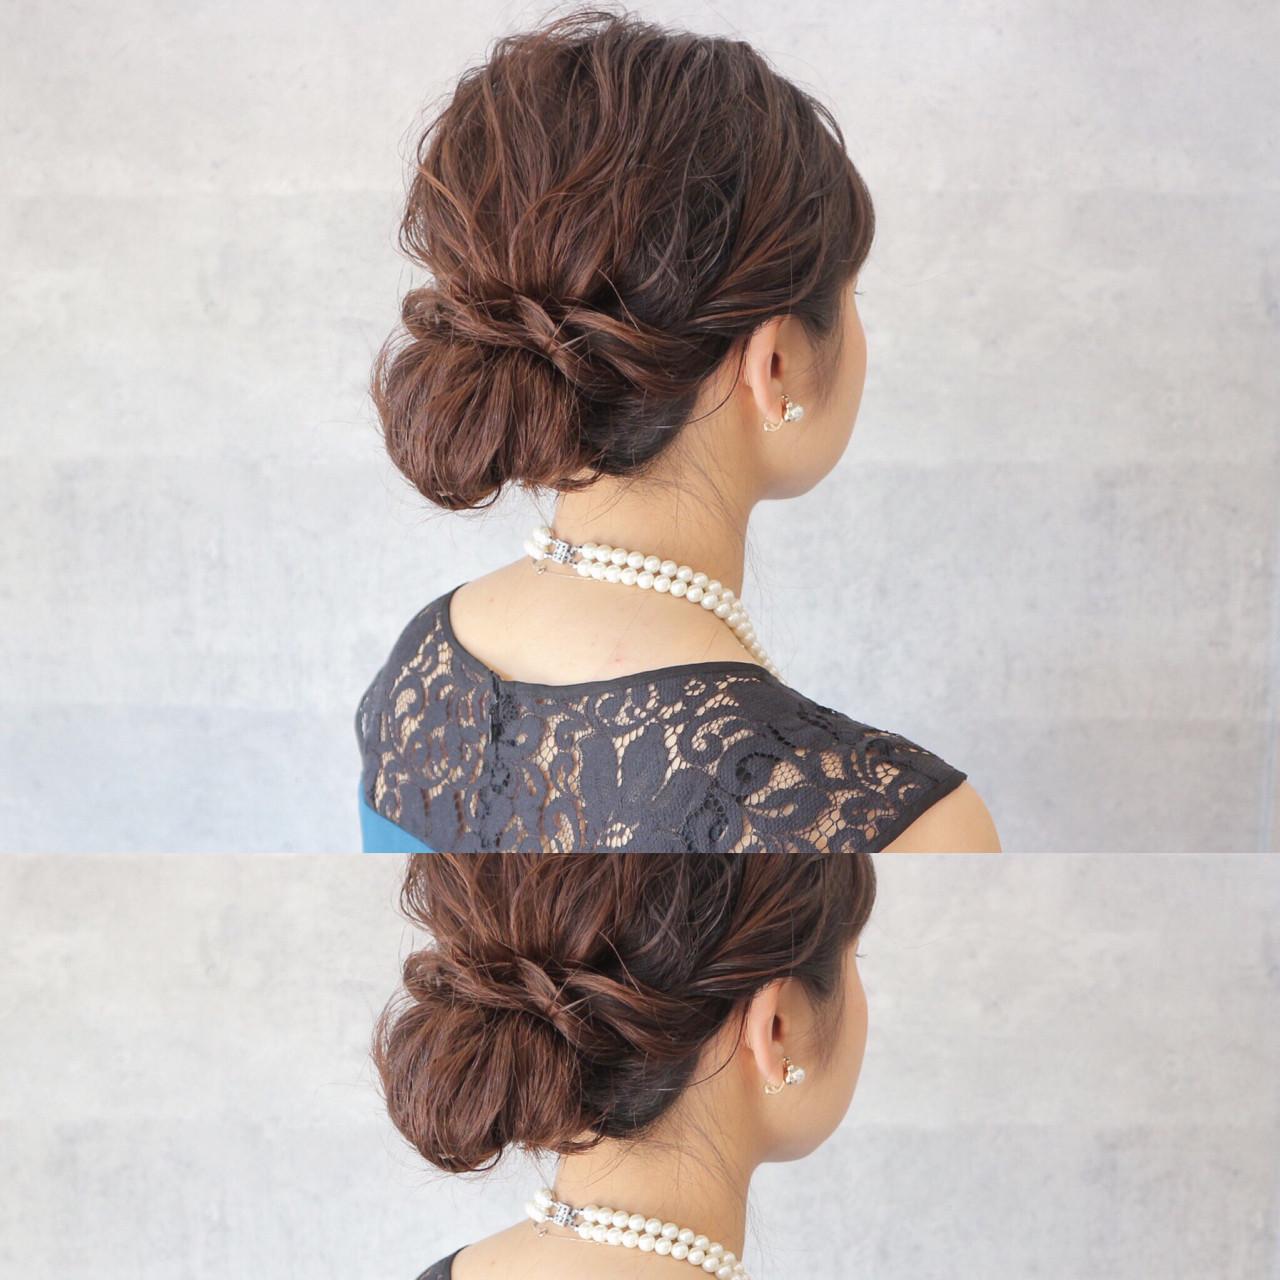 まとめ髪 セミロング ヘアアレンジ エレガント ヘアスタイルや髪型の写真・画像